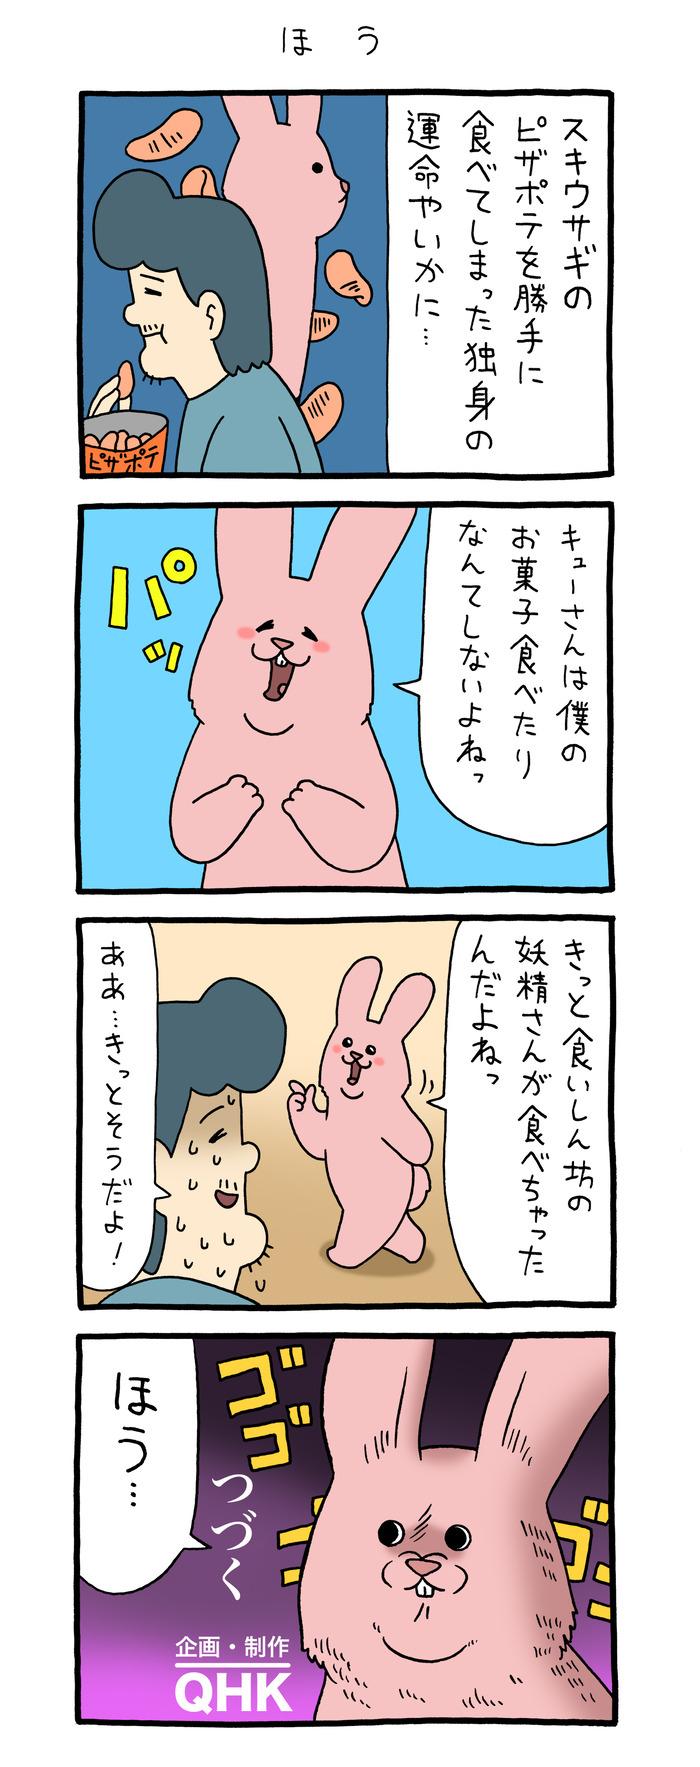 スキウサギ ピザポテ お菓子箱ー2 のコピー